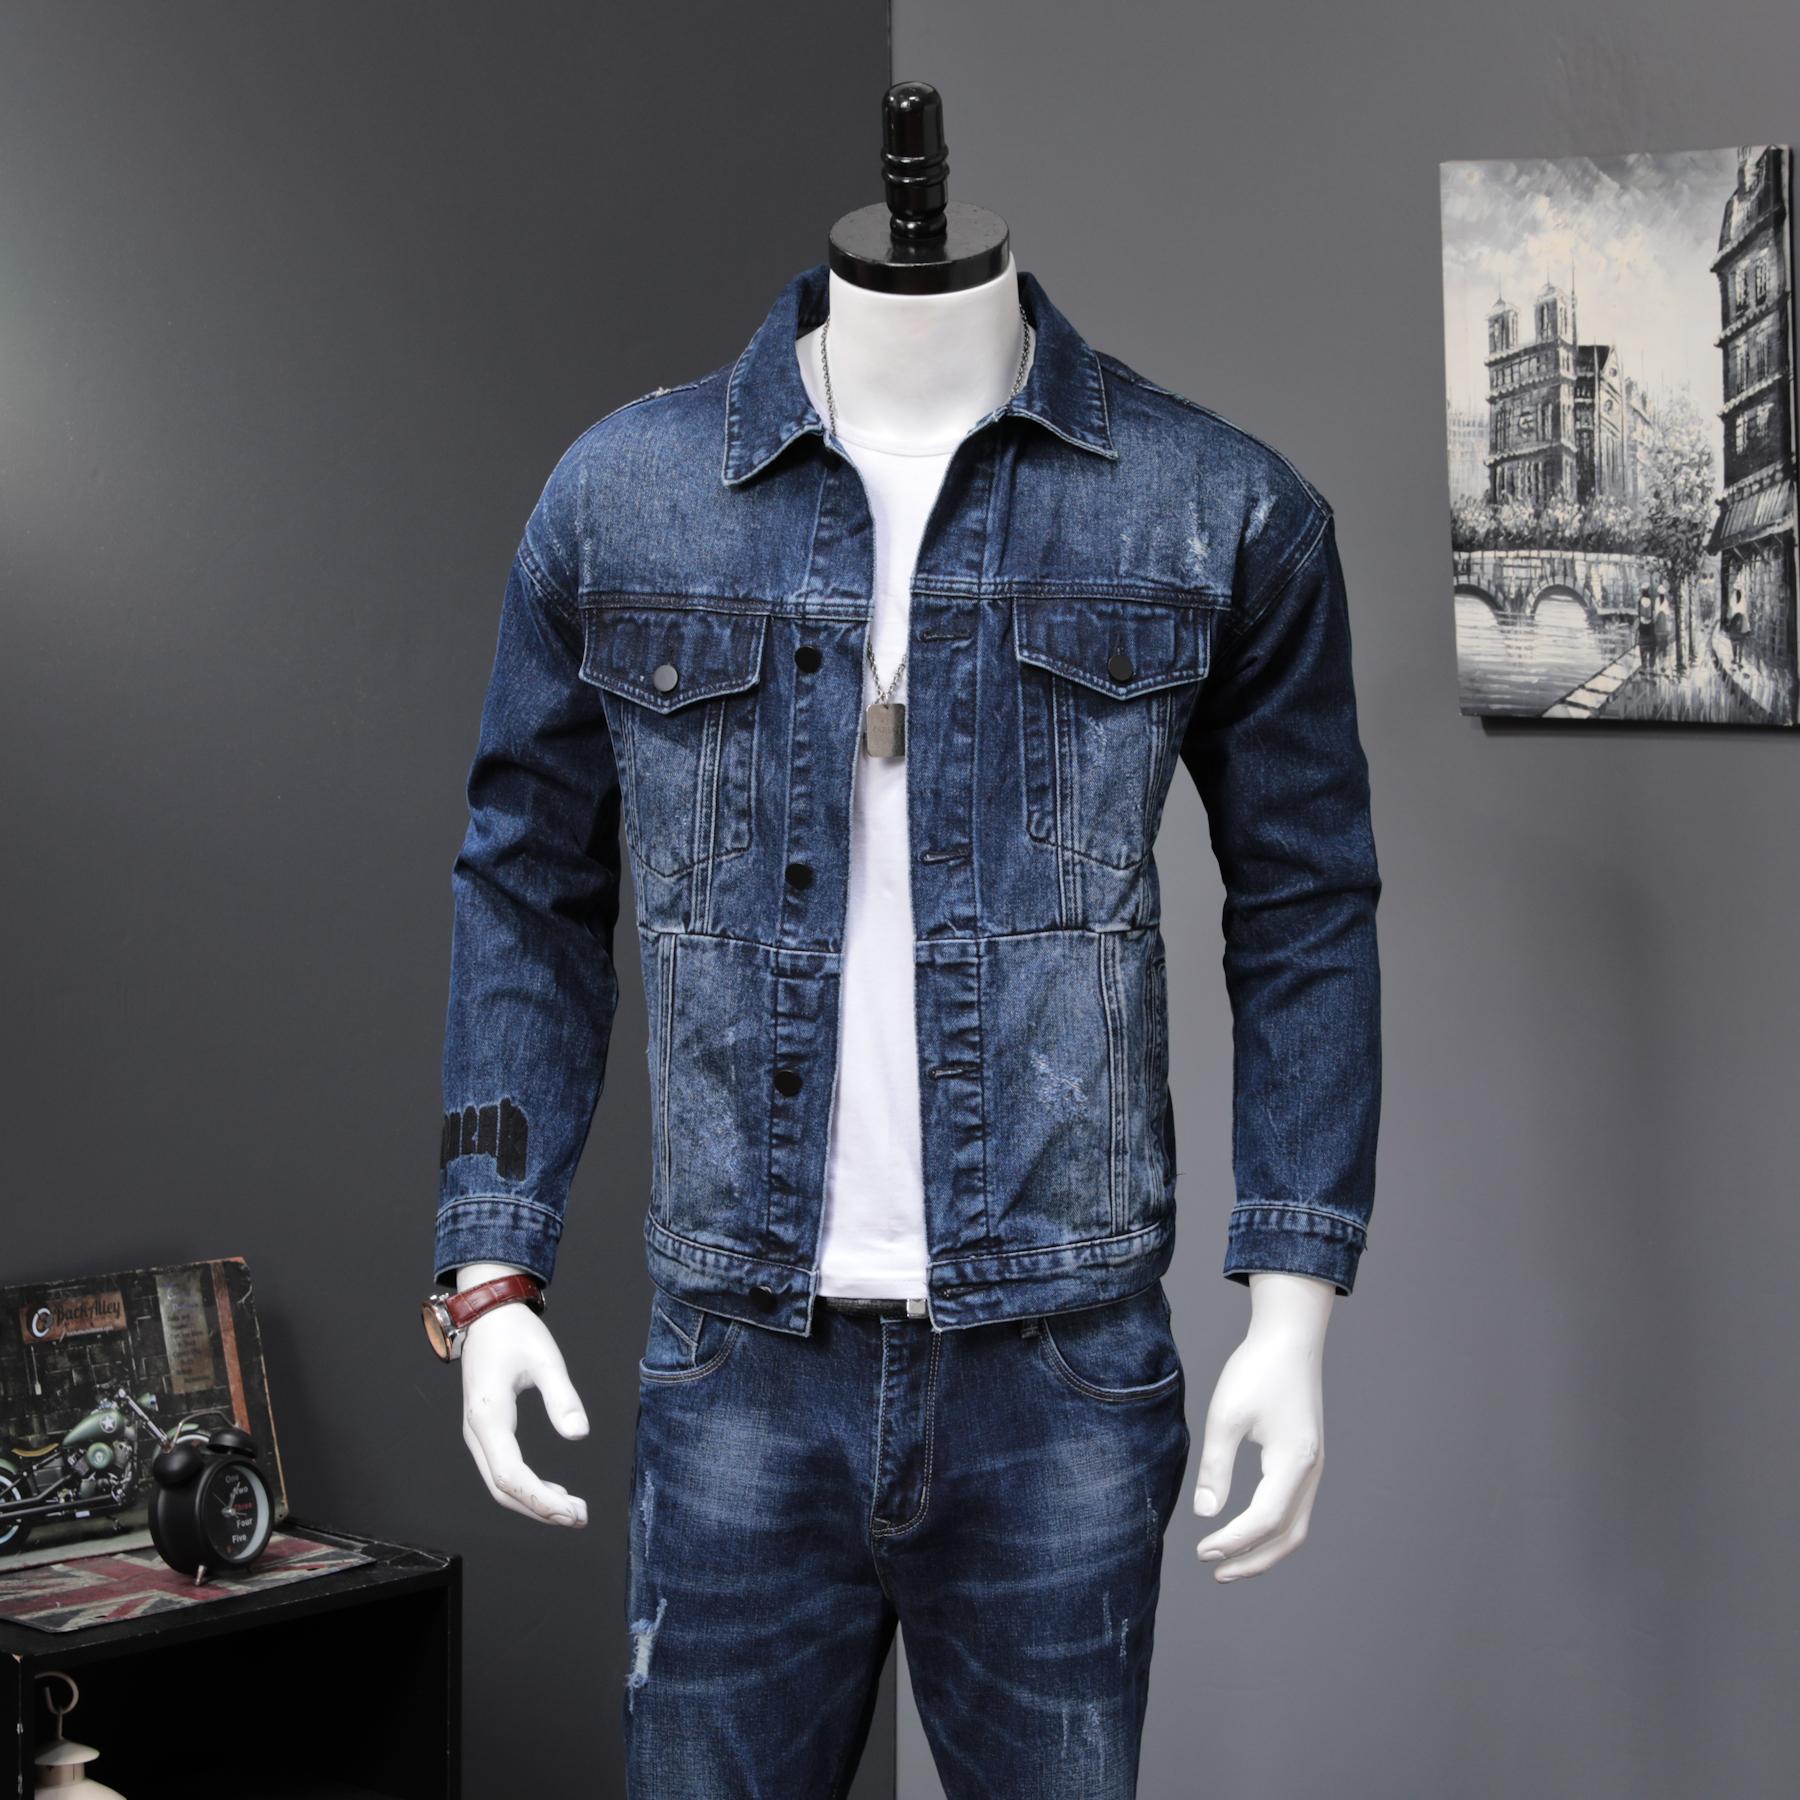 牛仔套装男潮流韩版帅气牛仔两件套一套衣服休闲潮流上衣夹克裤子(非品牌)